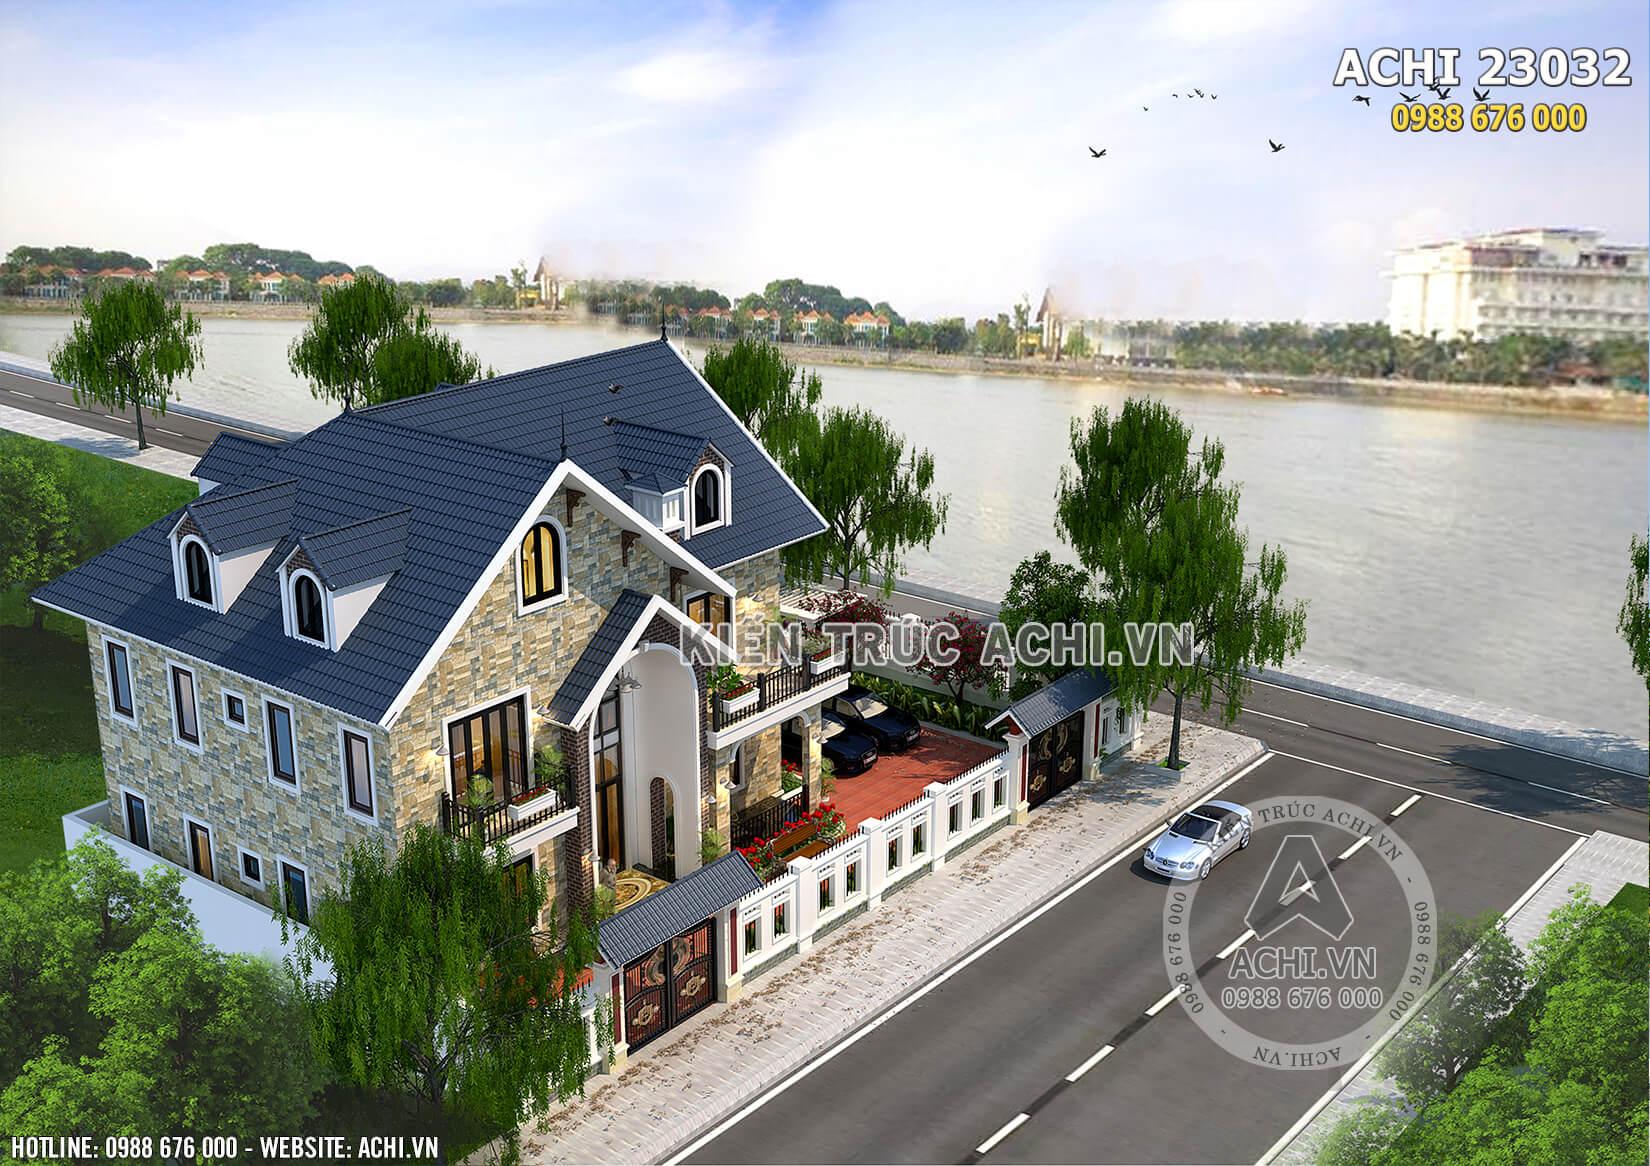 Phối cảnh 3D của mẫu biệt thự nhà vườn 2 tầng mái Thái đẹp khi được nhìn từ trên cao xuống